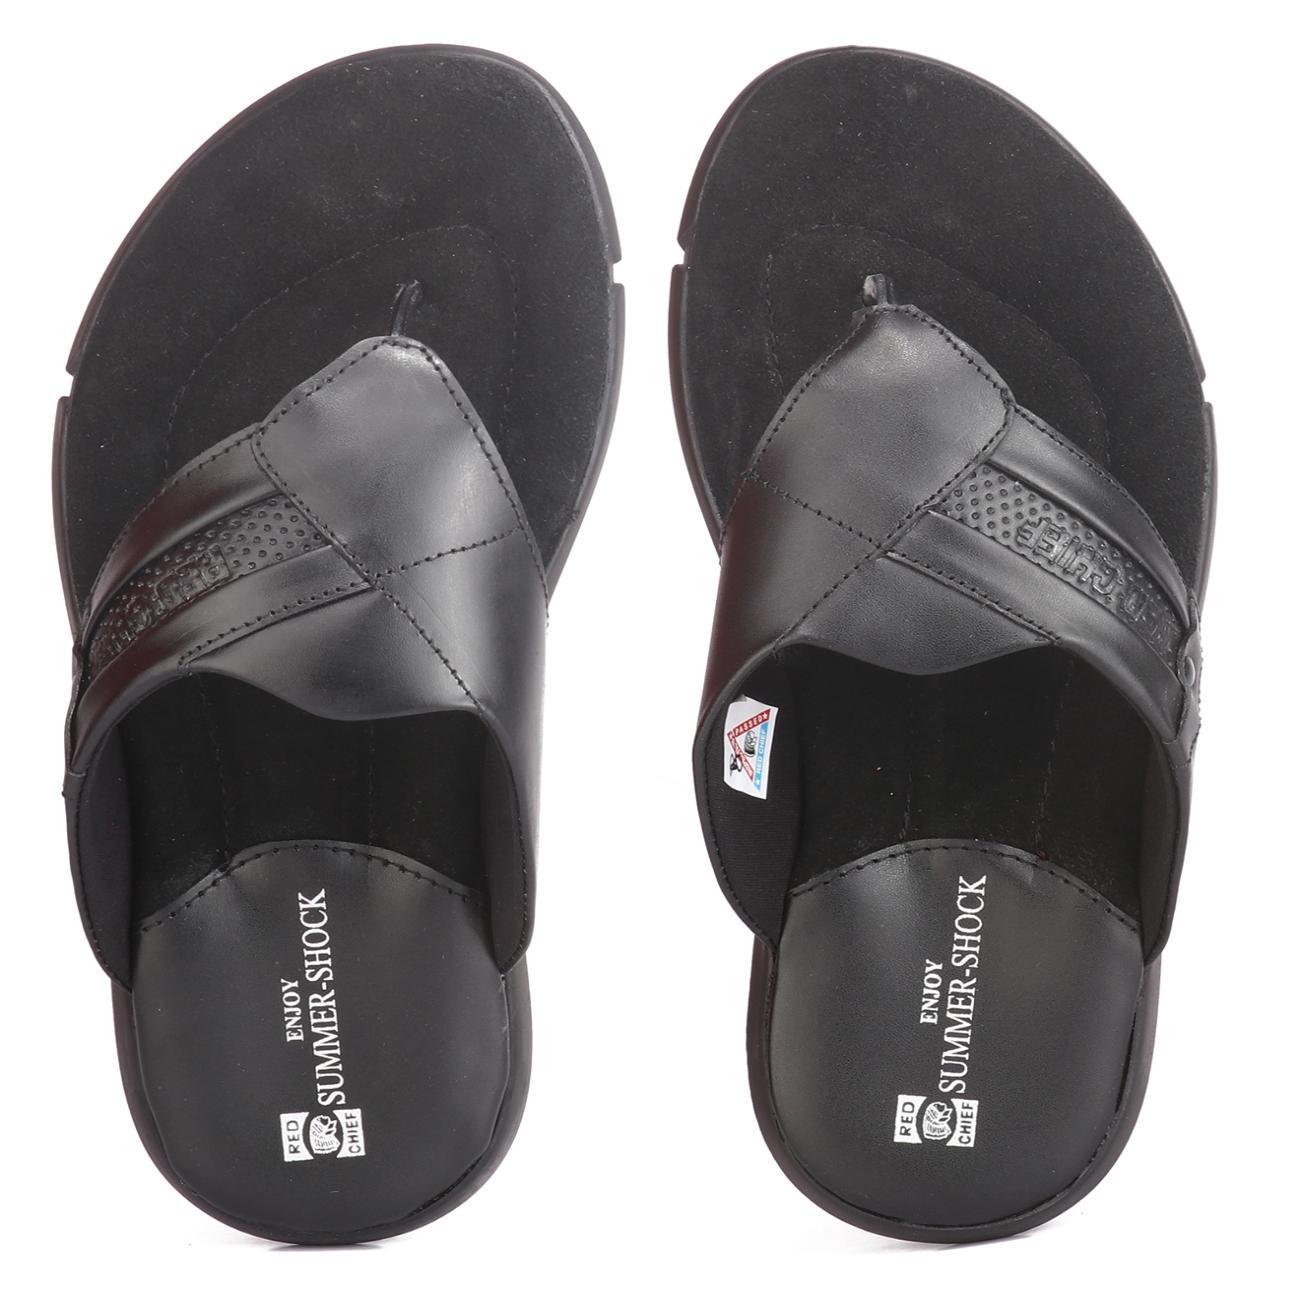 buy black slip-on slippers online